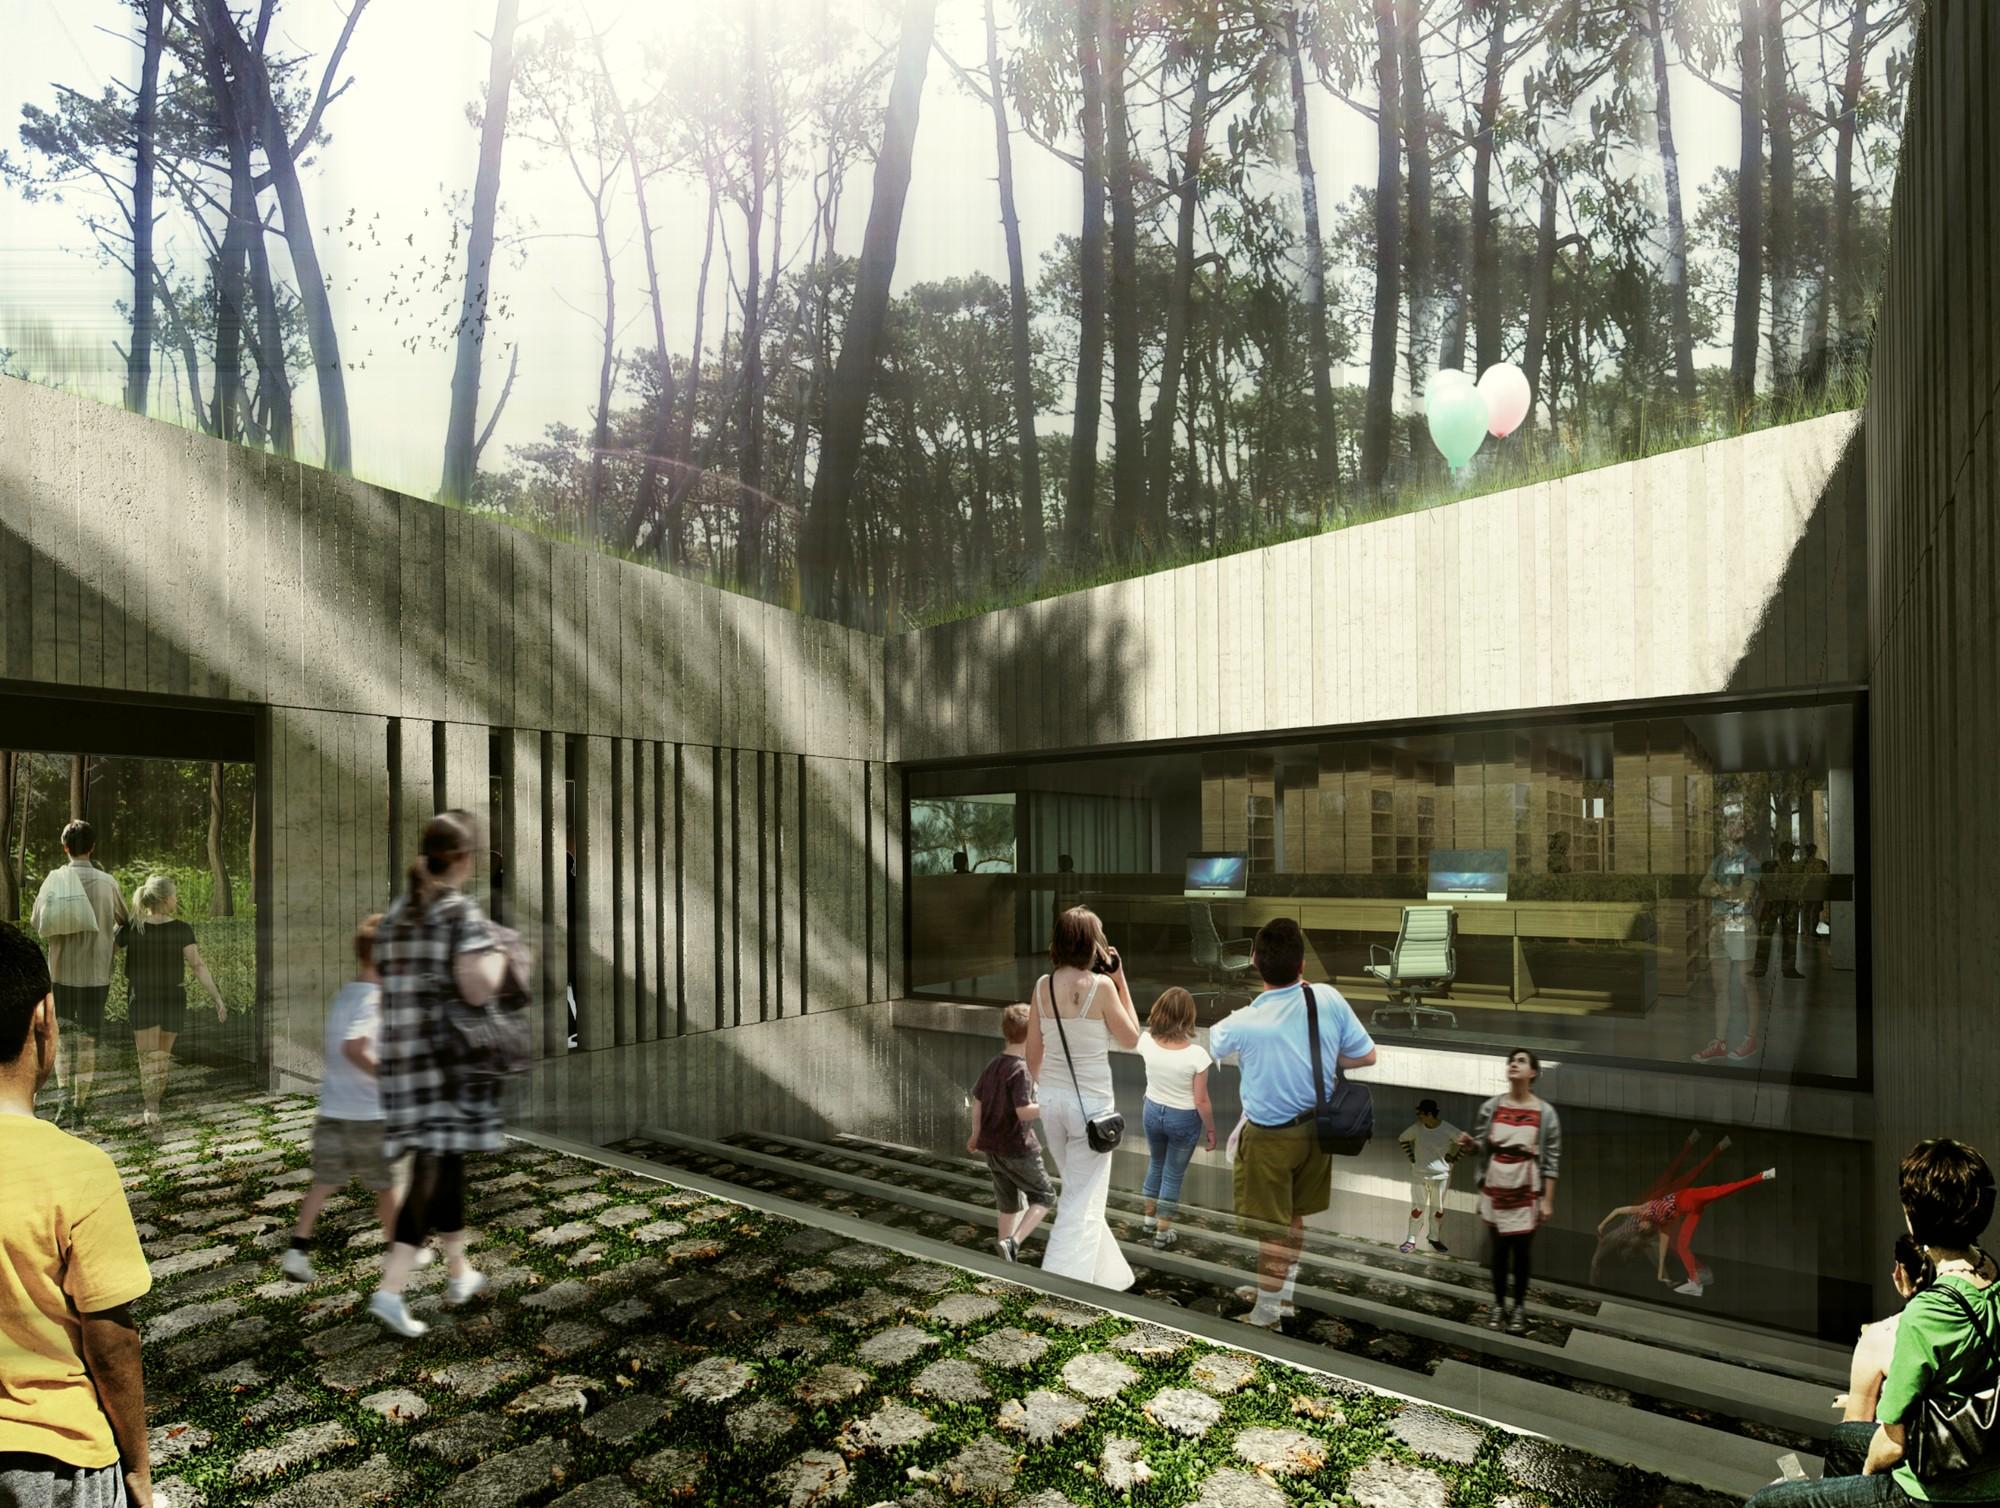 Mbad Arquitectos Menci N Honrosa En Concurso De Ideas